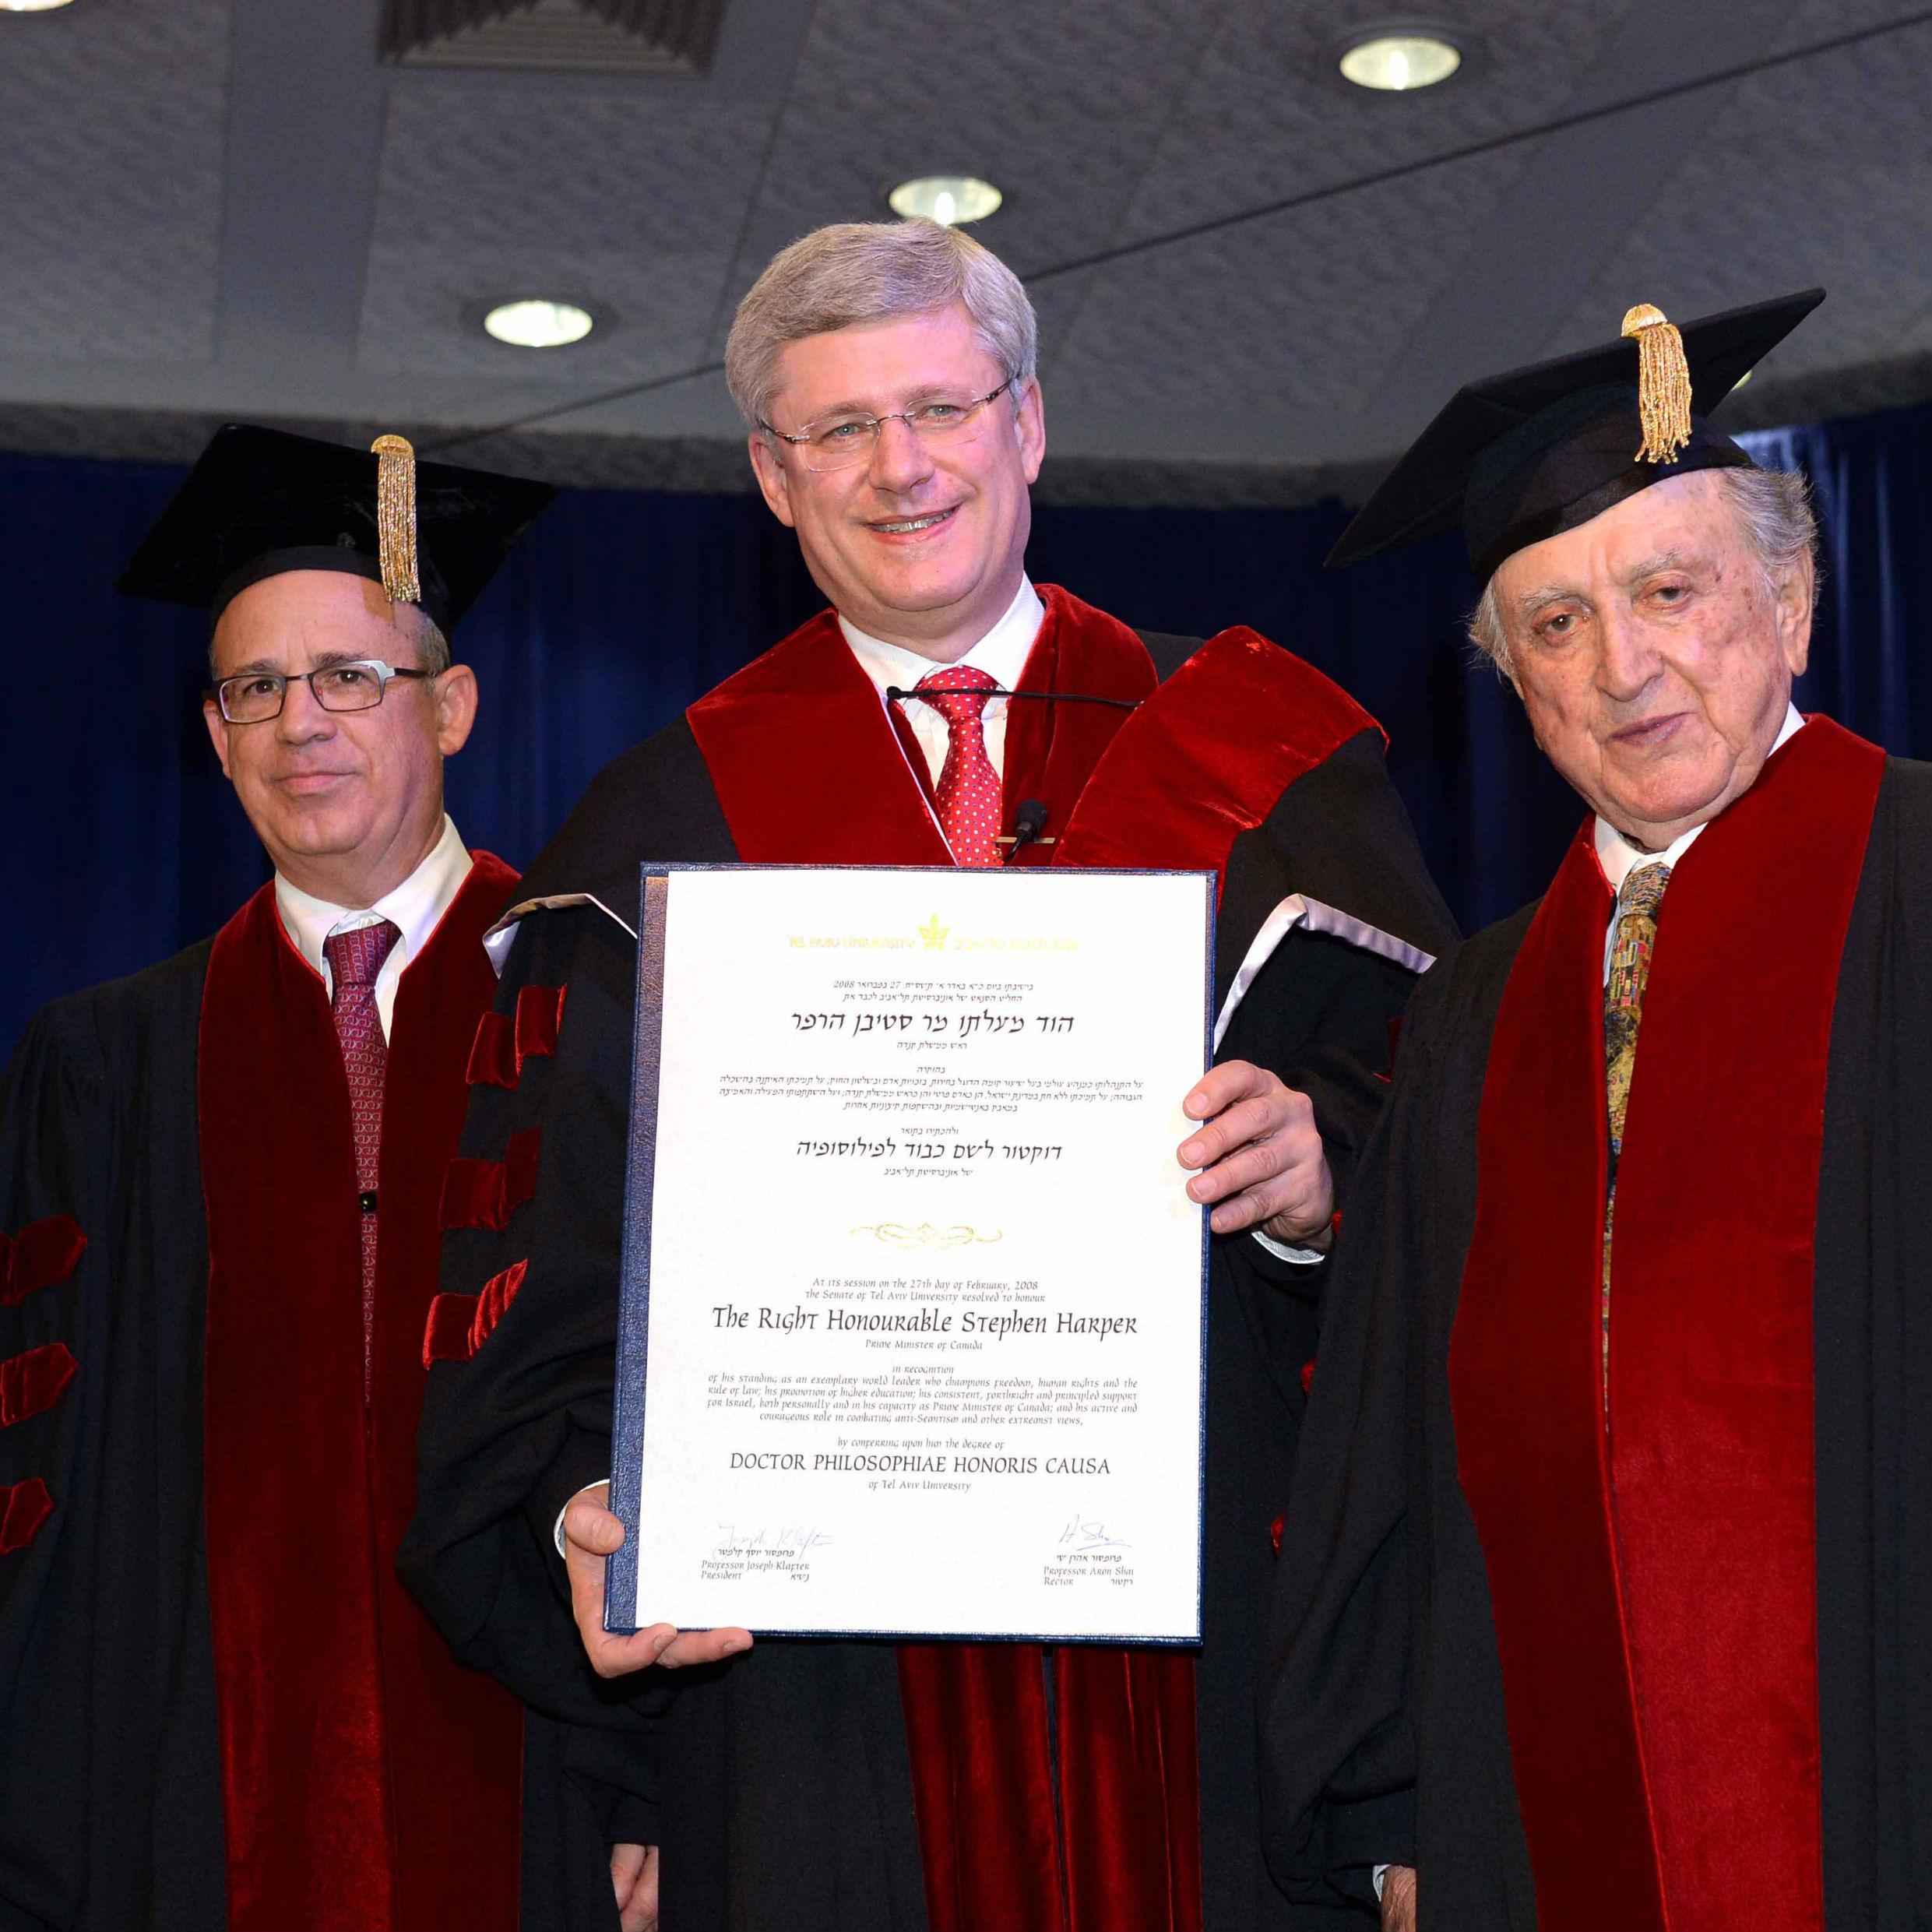 ראש ממשלת קנדה, סטיבן הארפר, קיבל תואר דוקטור לשם כבוד מטעם אוניברסיטת תל-אביב